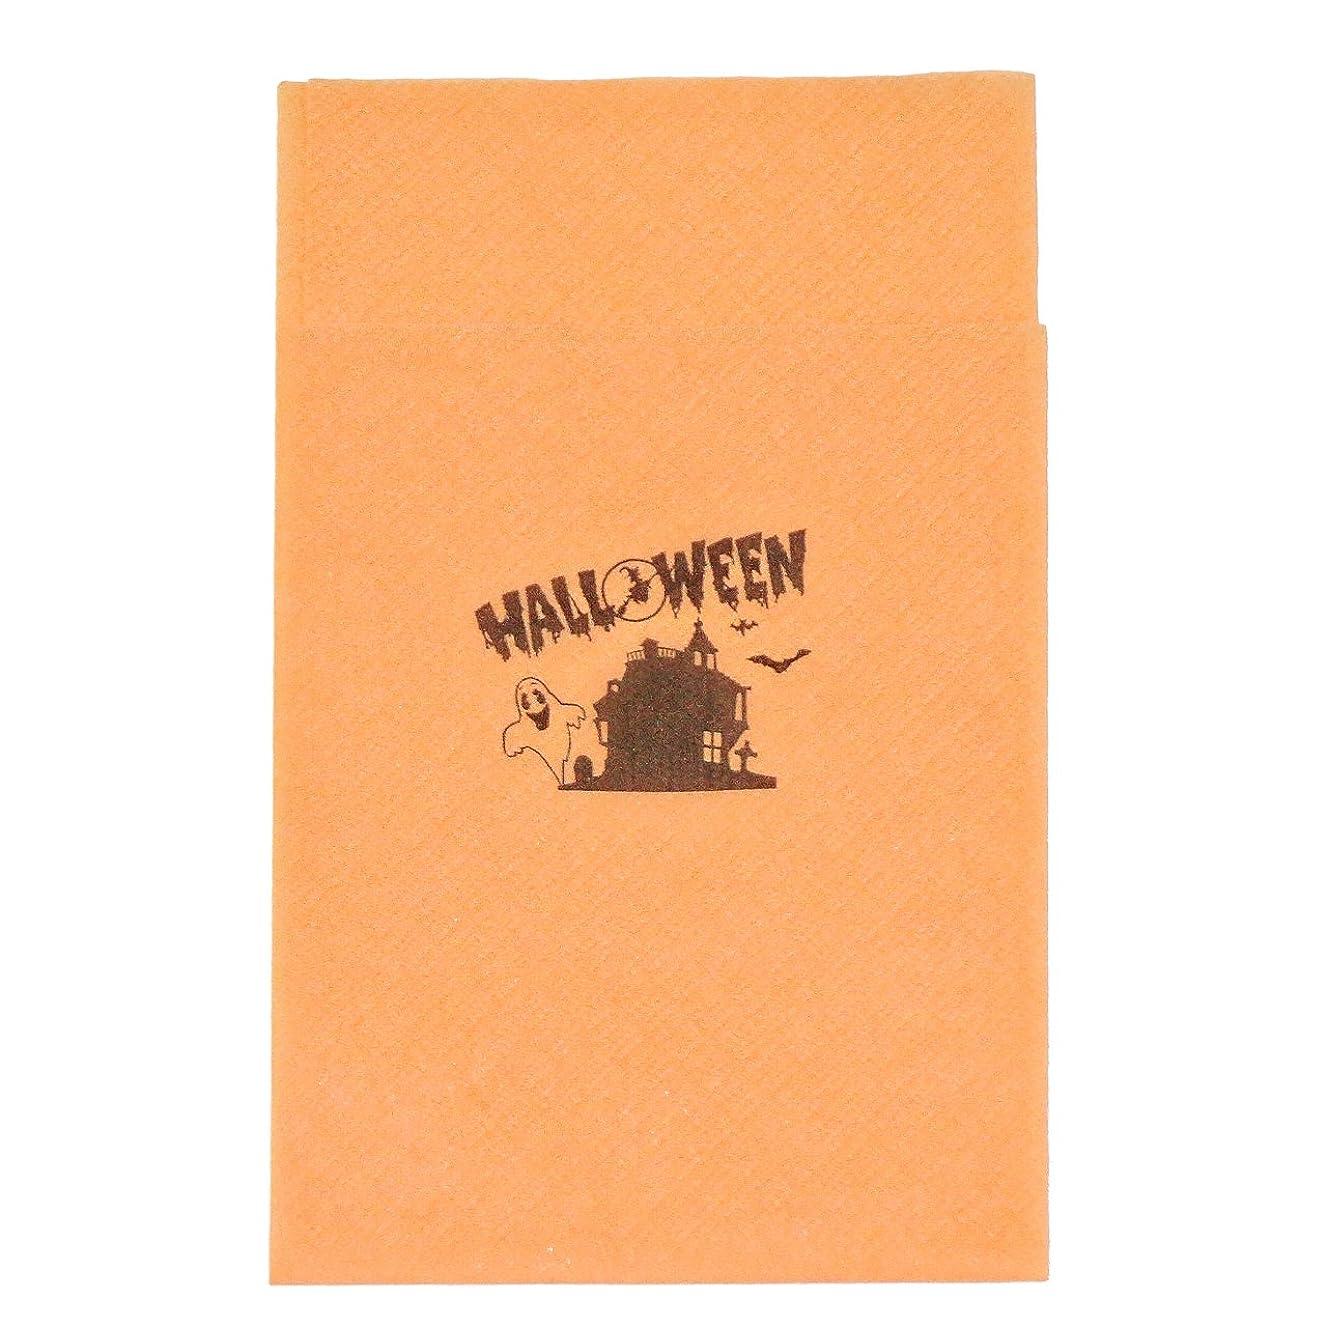 発症絵大佐6面折り ペーパーナプキン オレンジ ハロウィン 300枚入り